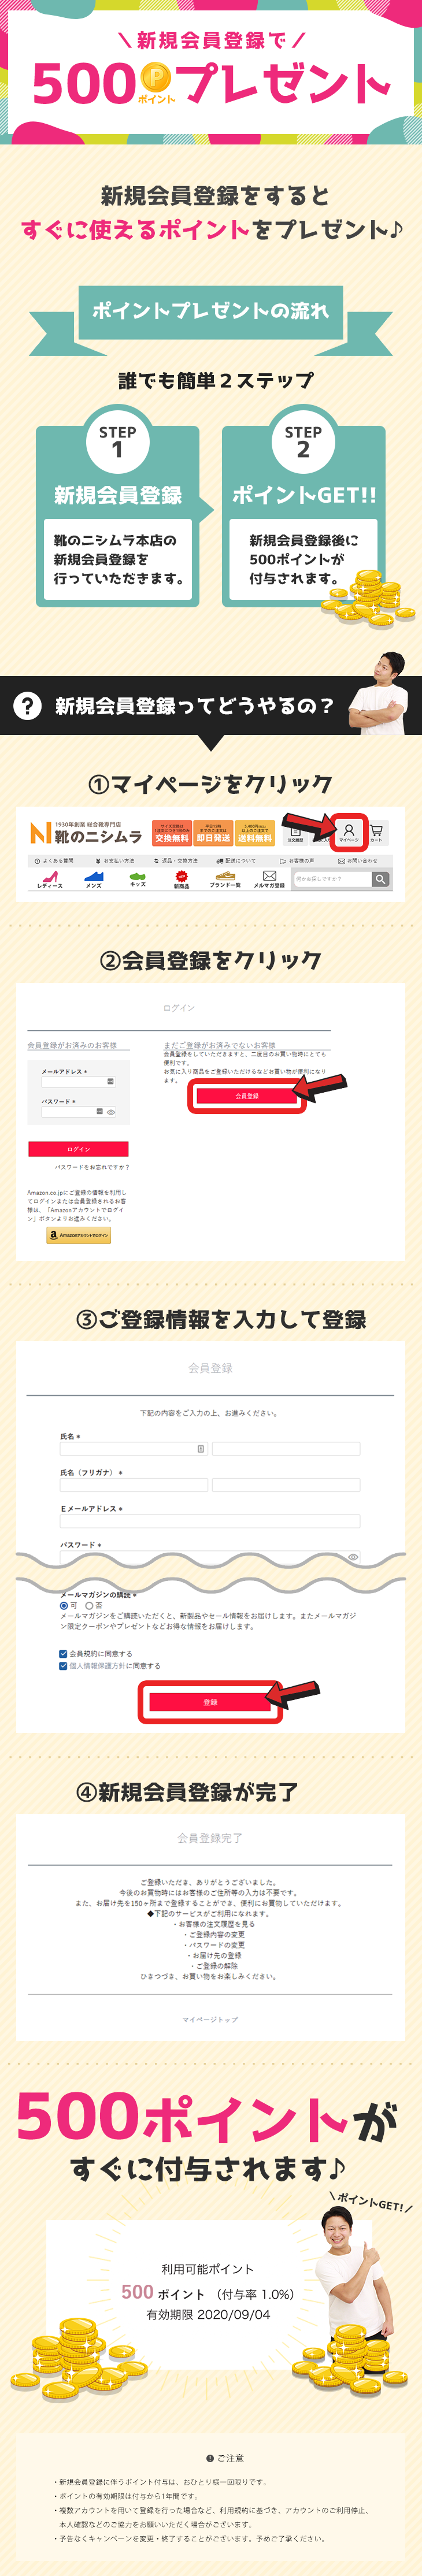 靴のニシムラ本店 新規会員登録で500ポイントプレゼント!